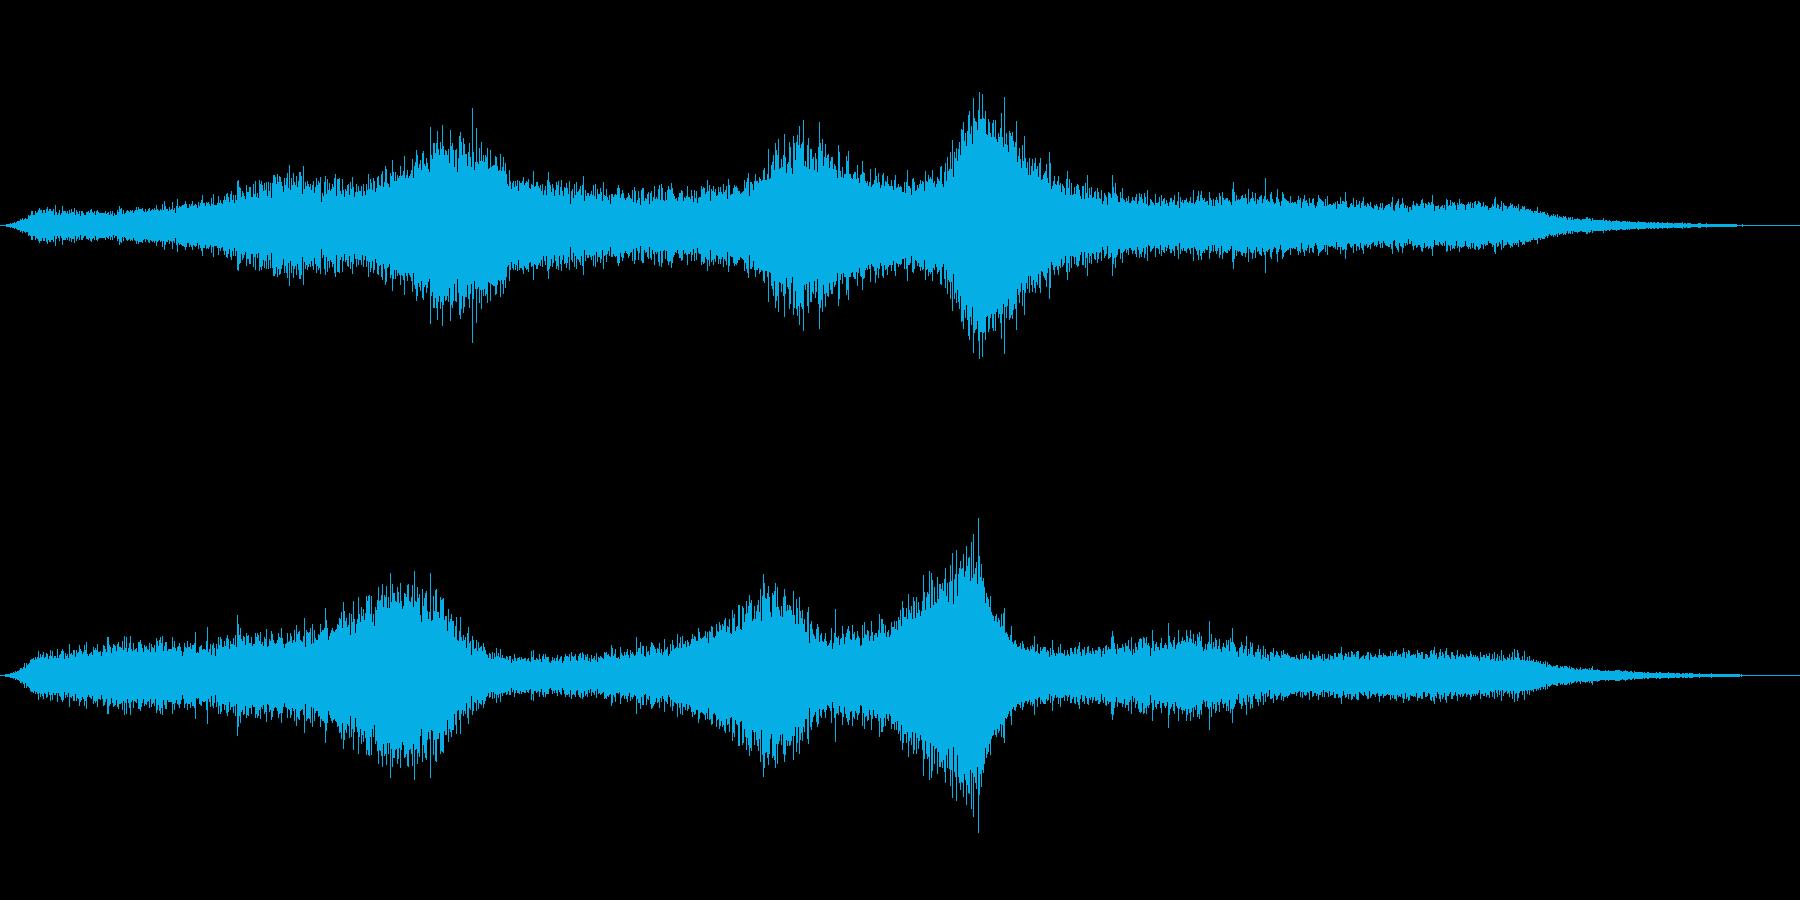 【生録音】 早朝の街 交通 環境音 20の再生済みの波形